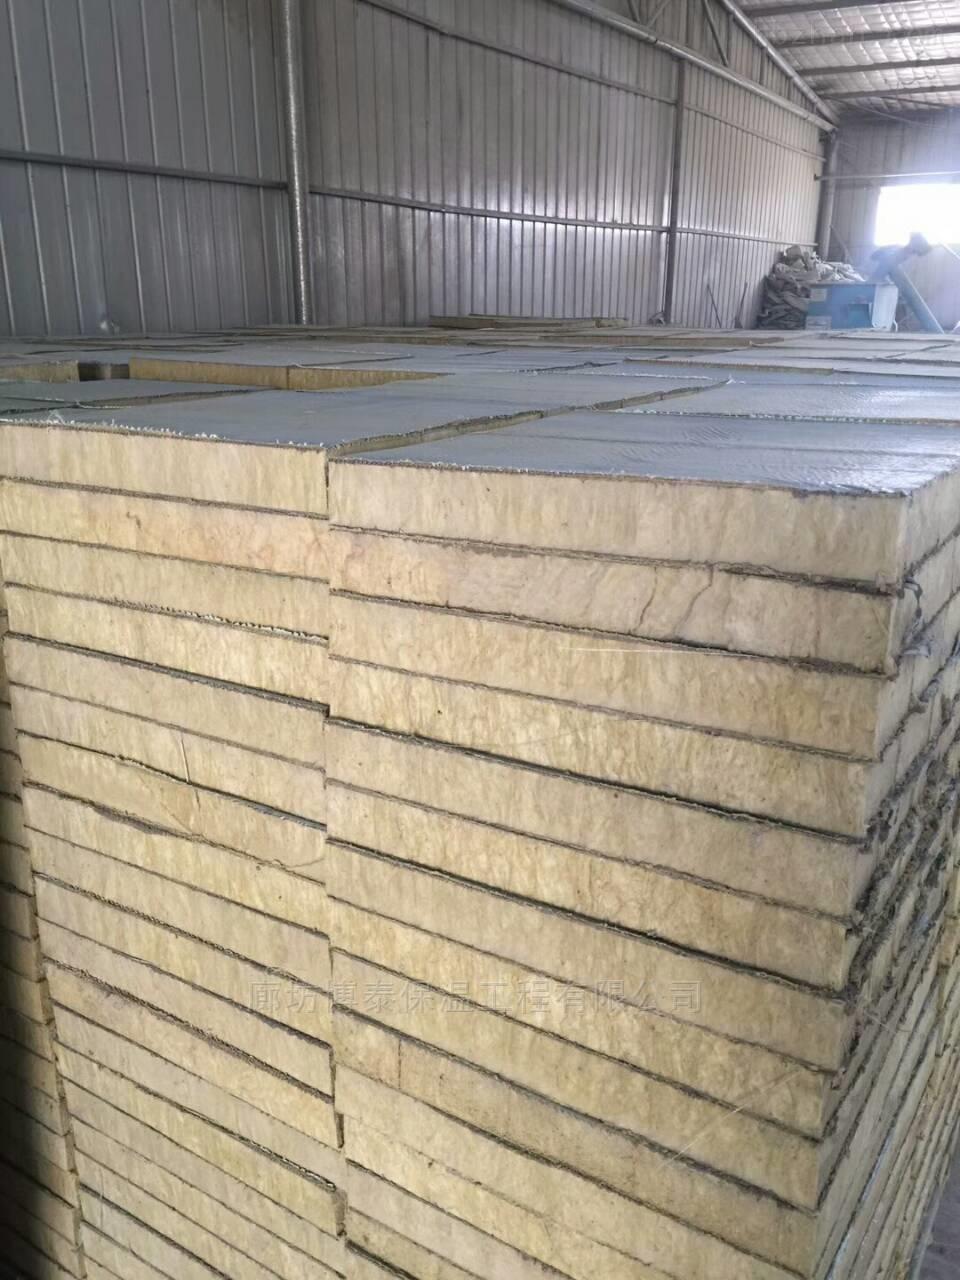 1200x600-岩棉复合板A级防火_不限产_价格合理